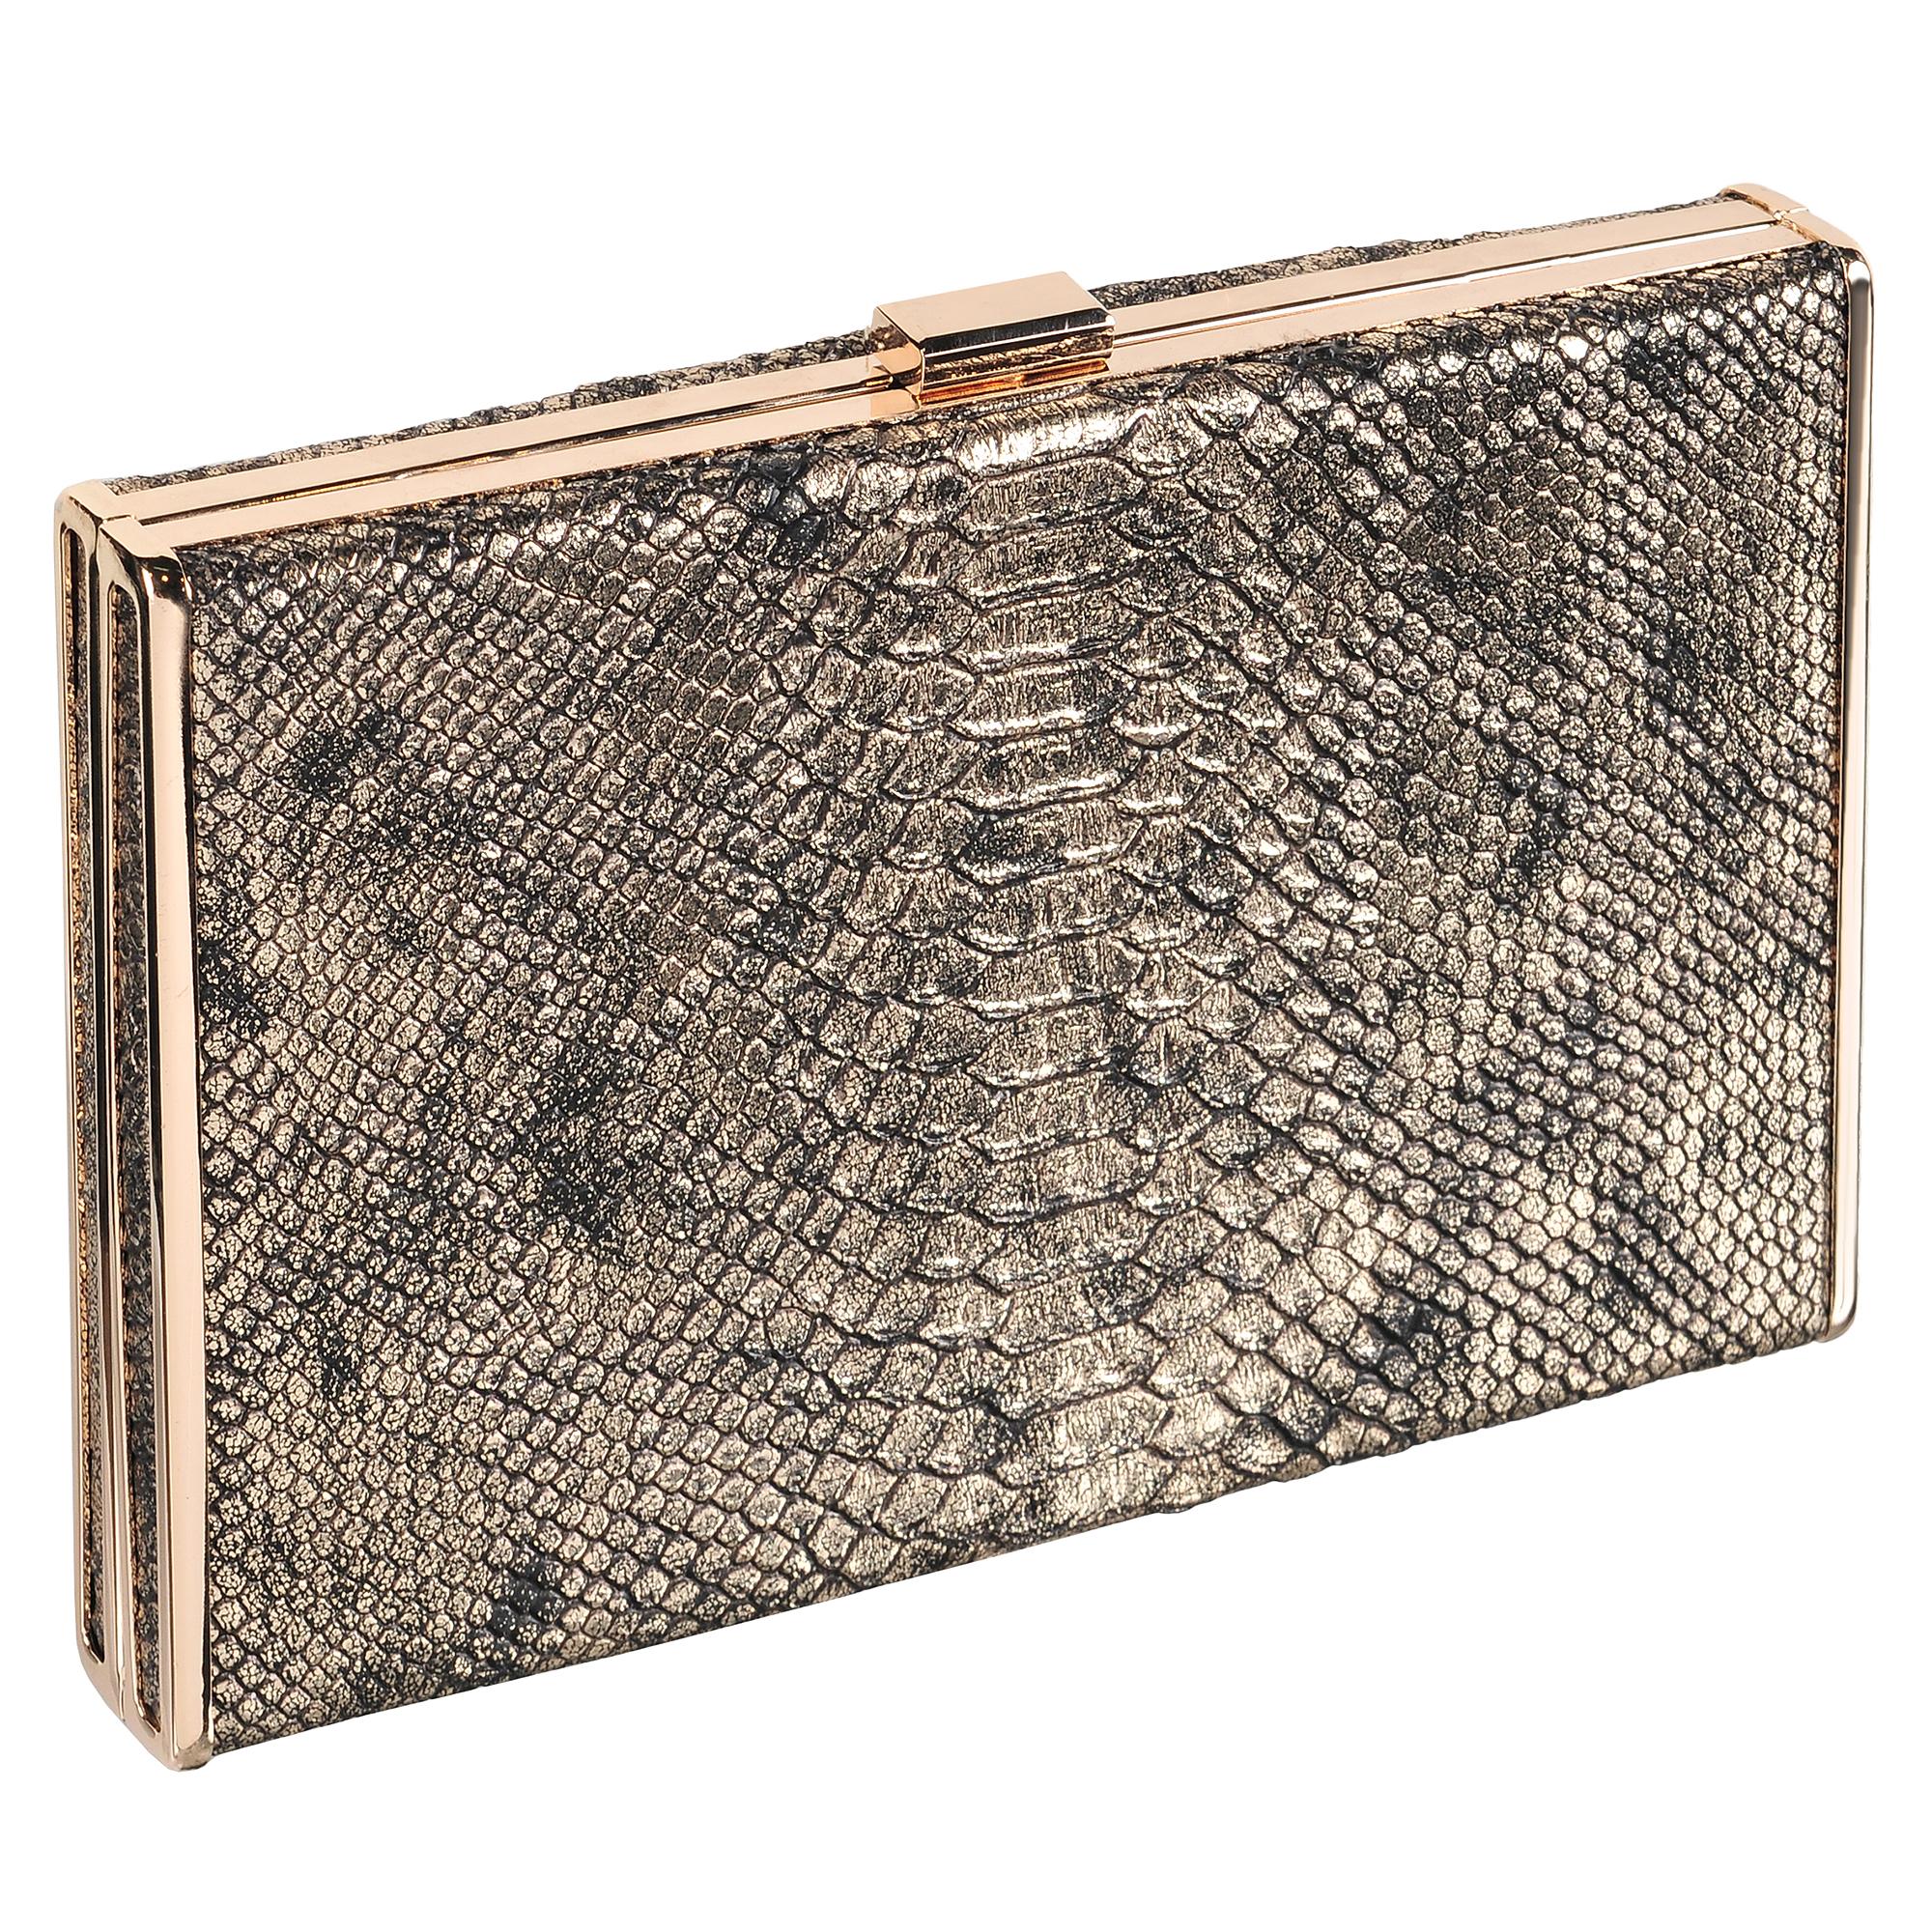 Клатч женский Модные истории, цвет: коричневый. 3/0243/0583/0243/058Клатч большого размера прямоугольной формы с защелкивающимся металлическим замочком. Выполнен из искусственной кожи под рептилию. Декорирован золотистой фурнитурой. Одно отделение с подкладочной тканью. Имеется ремешок, который позволяет носить клатч на плече. Состав: искусственная кожа, металл. Размер: 23*15 см.